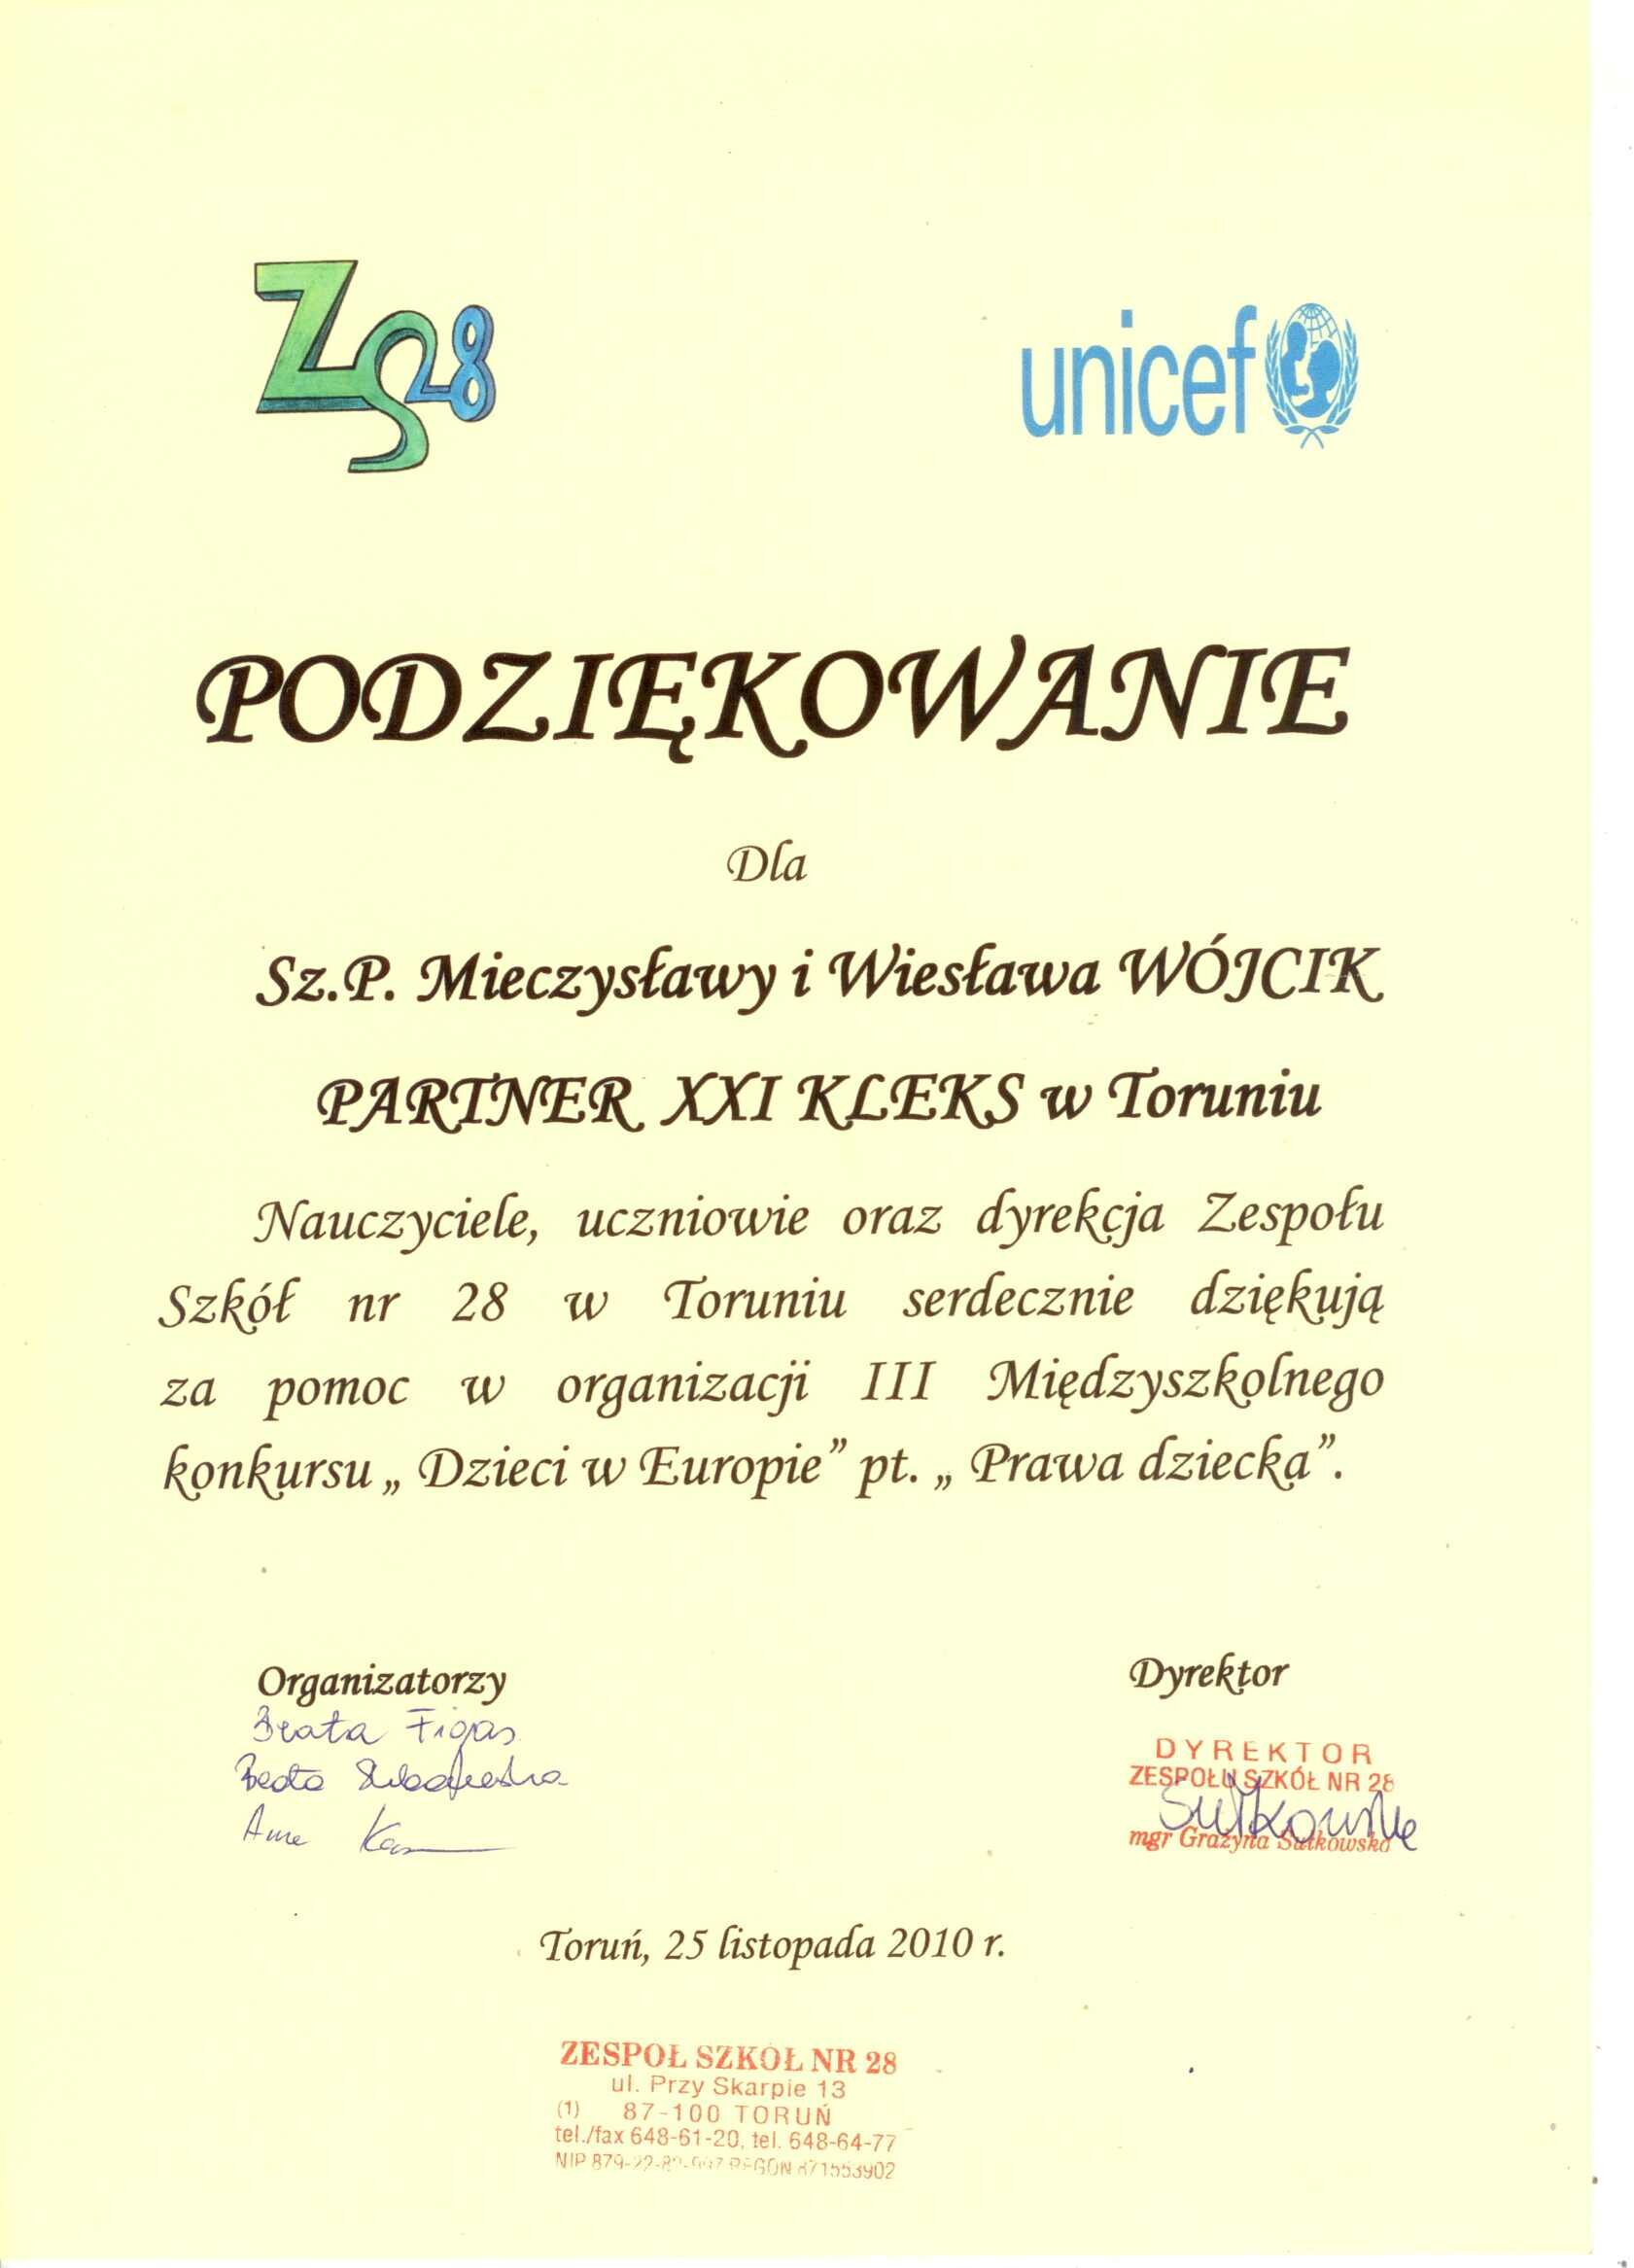 Unicef 2010